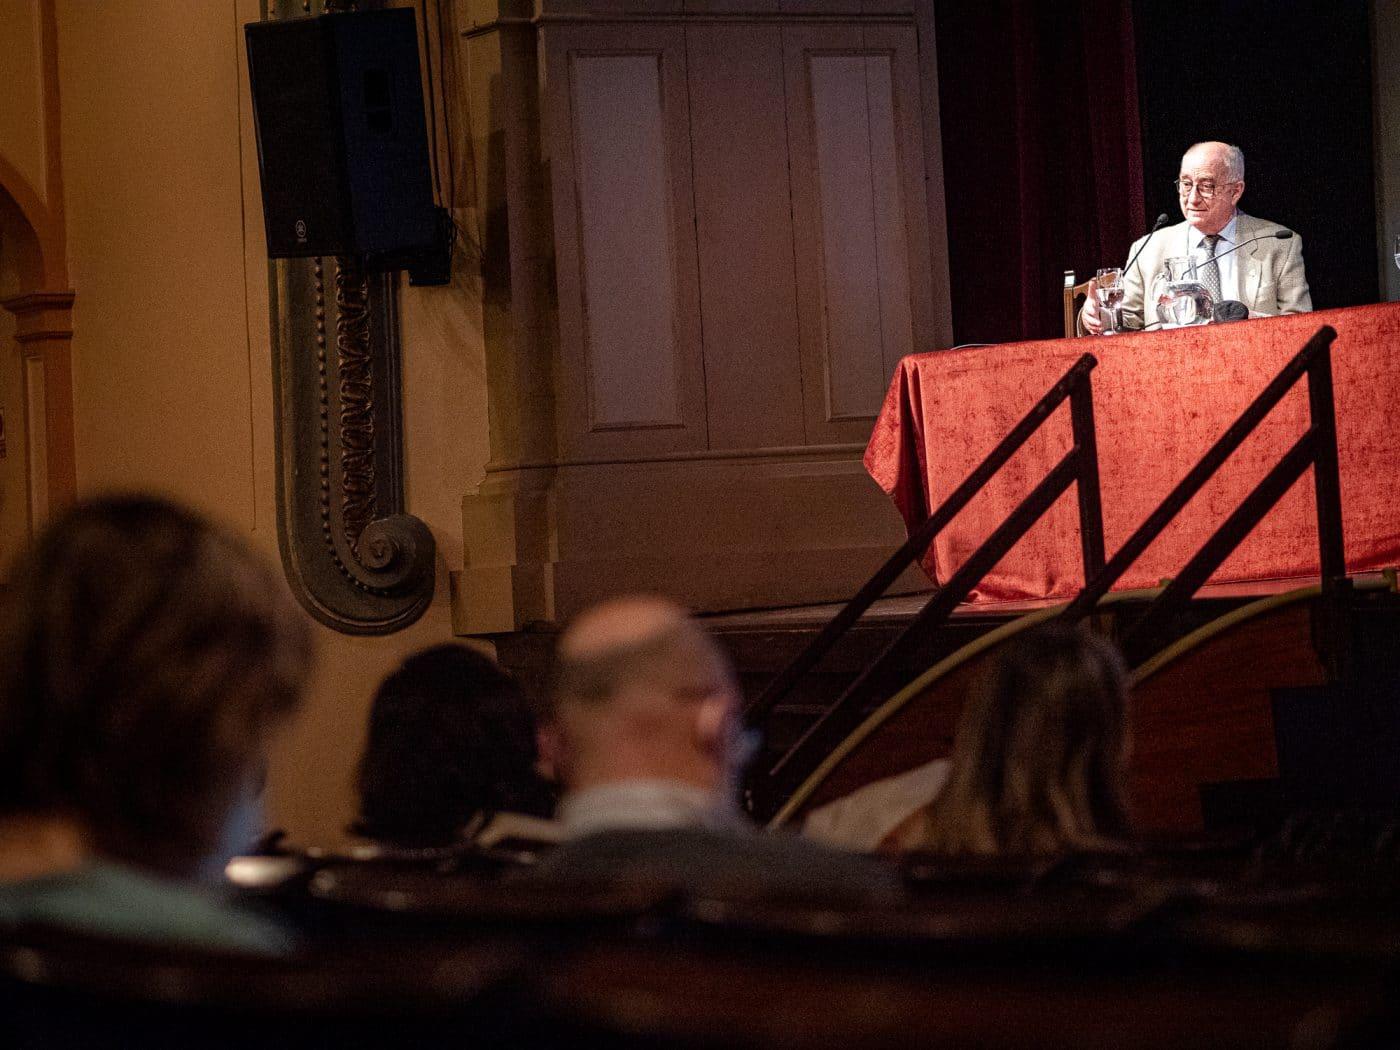 Uruñuela destaca en Haro los retos que la nueva Ley educativa abre en La Rioja 1